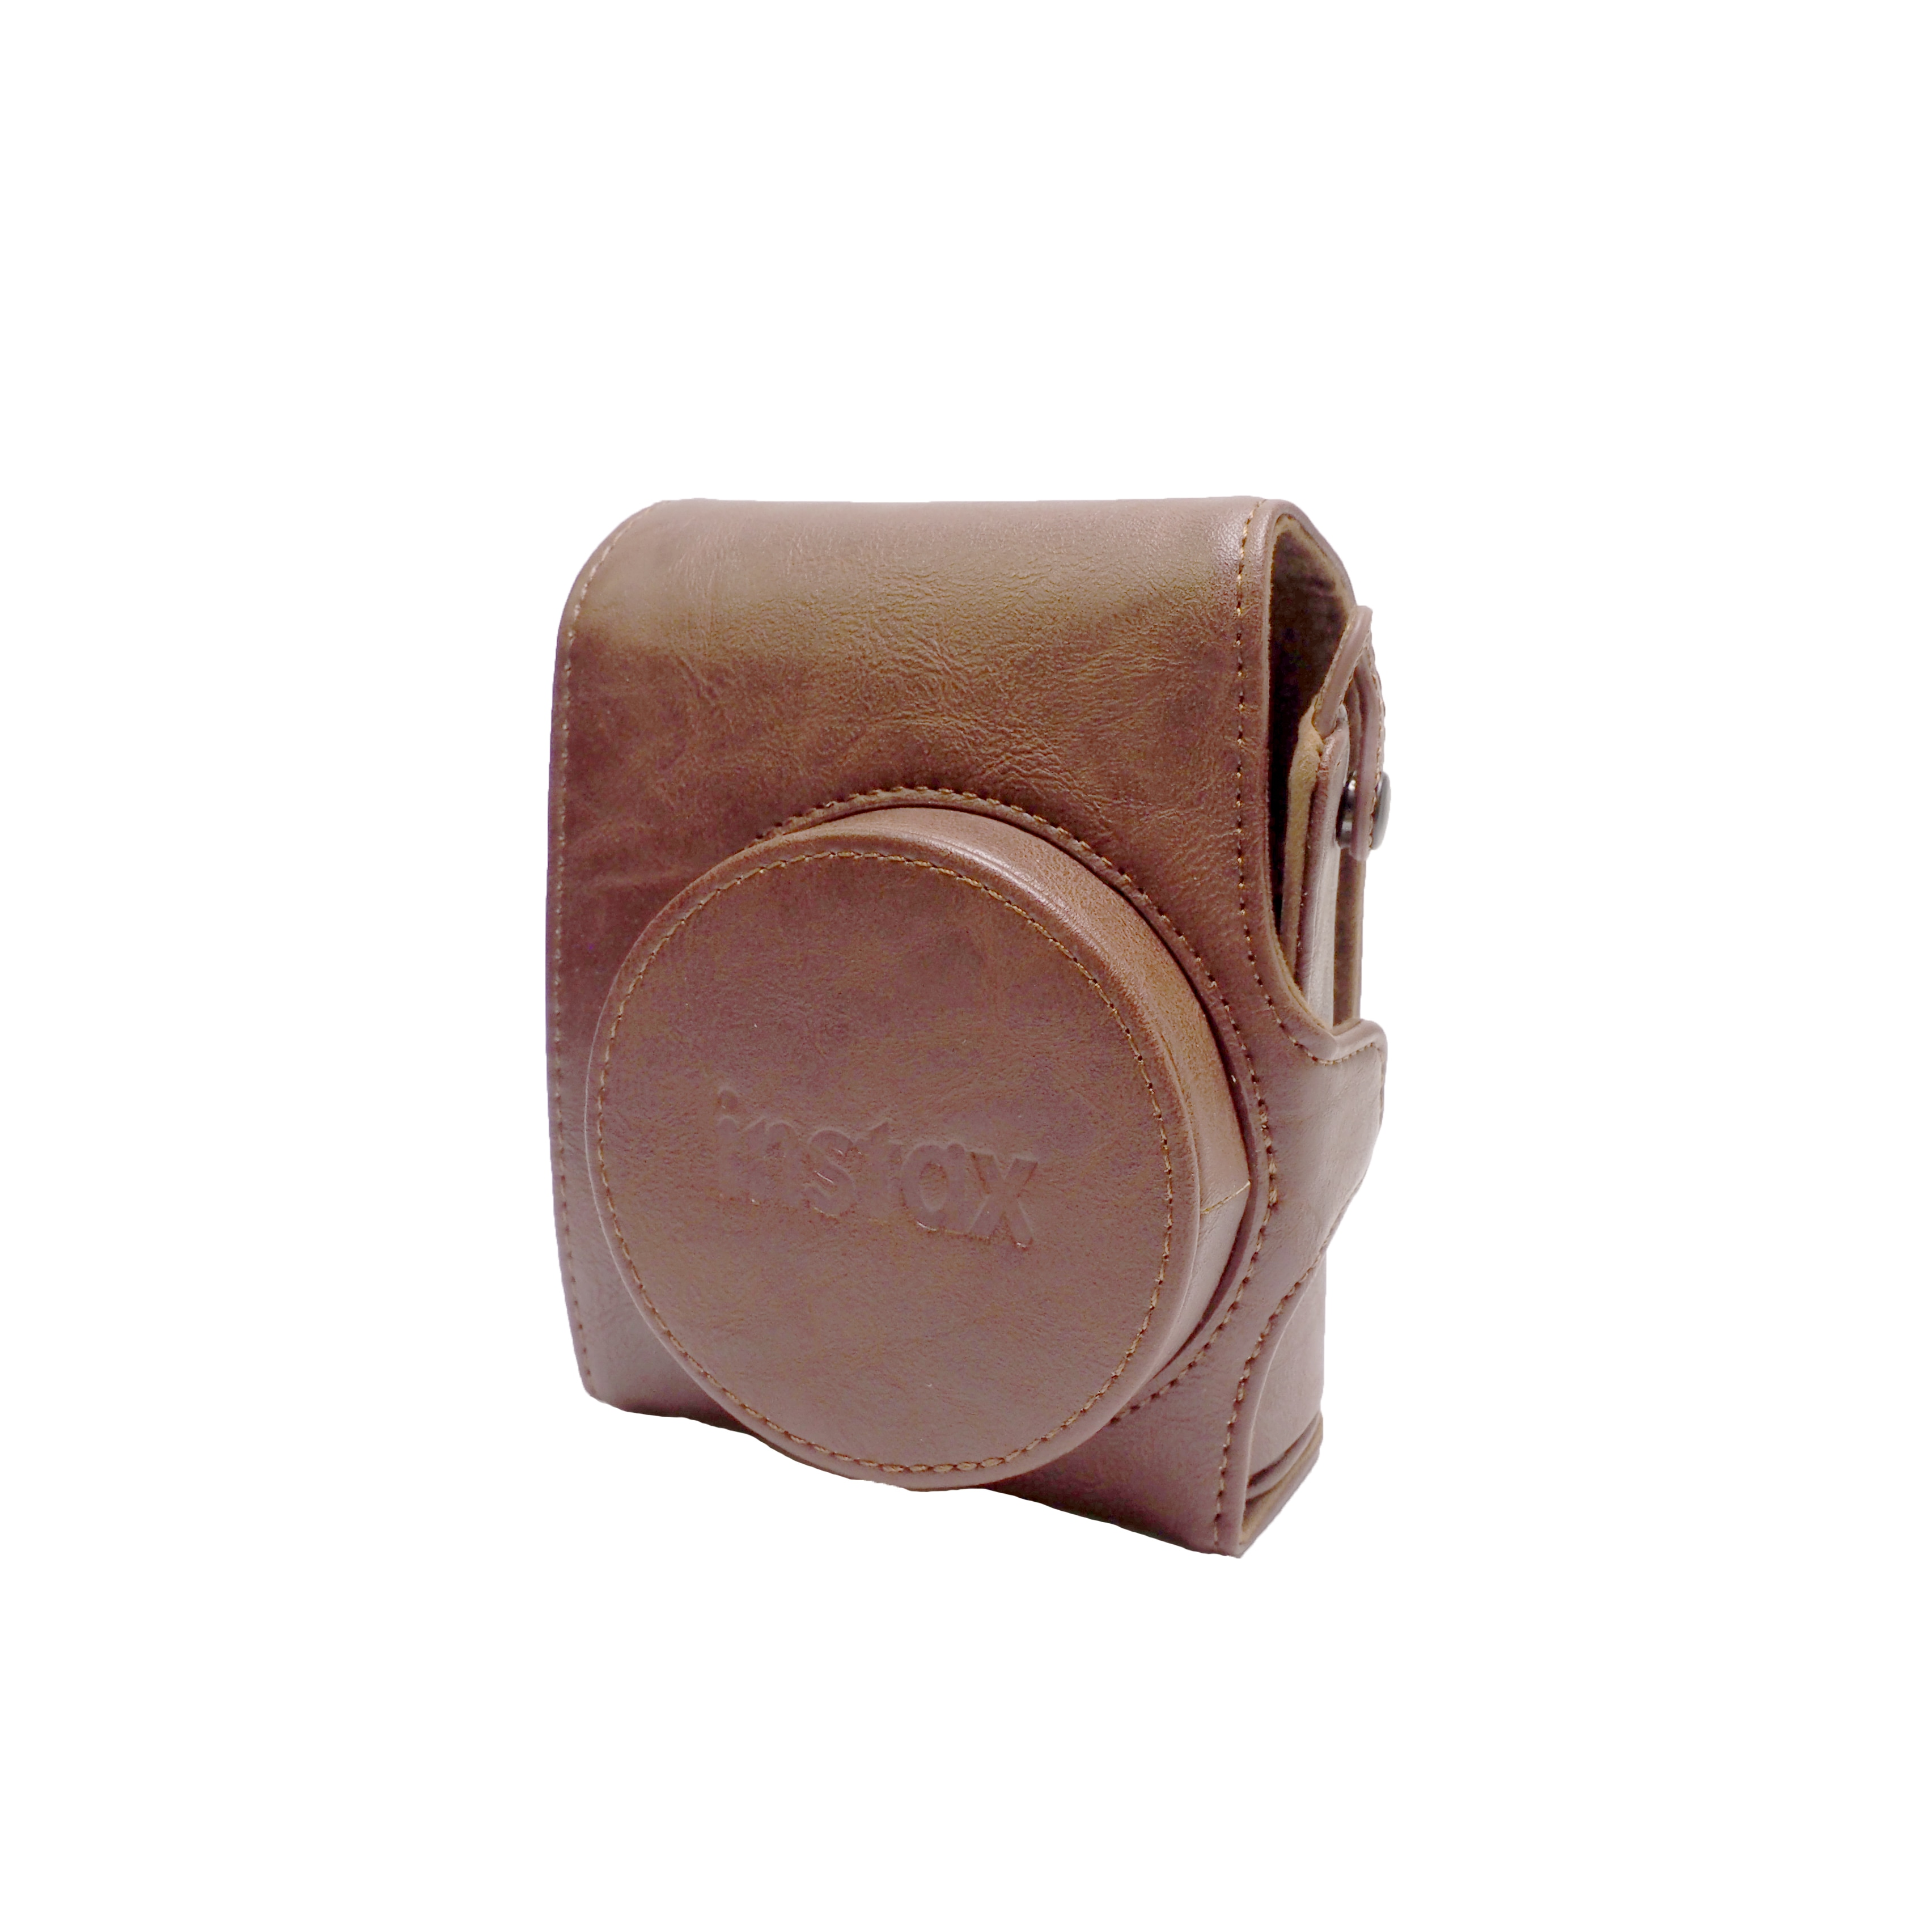 Fujifilm Instax Mini 90 Väska Brun